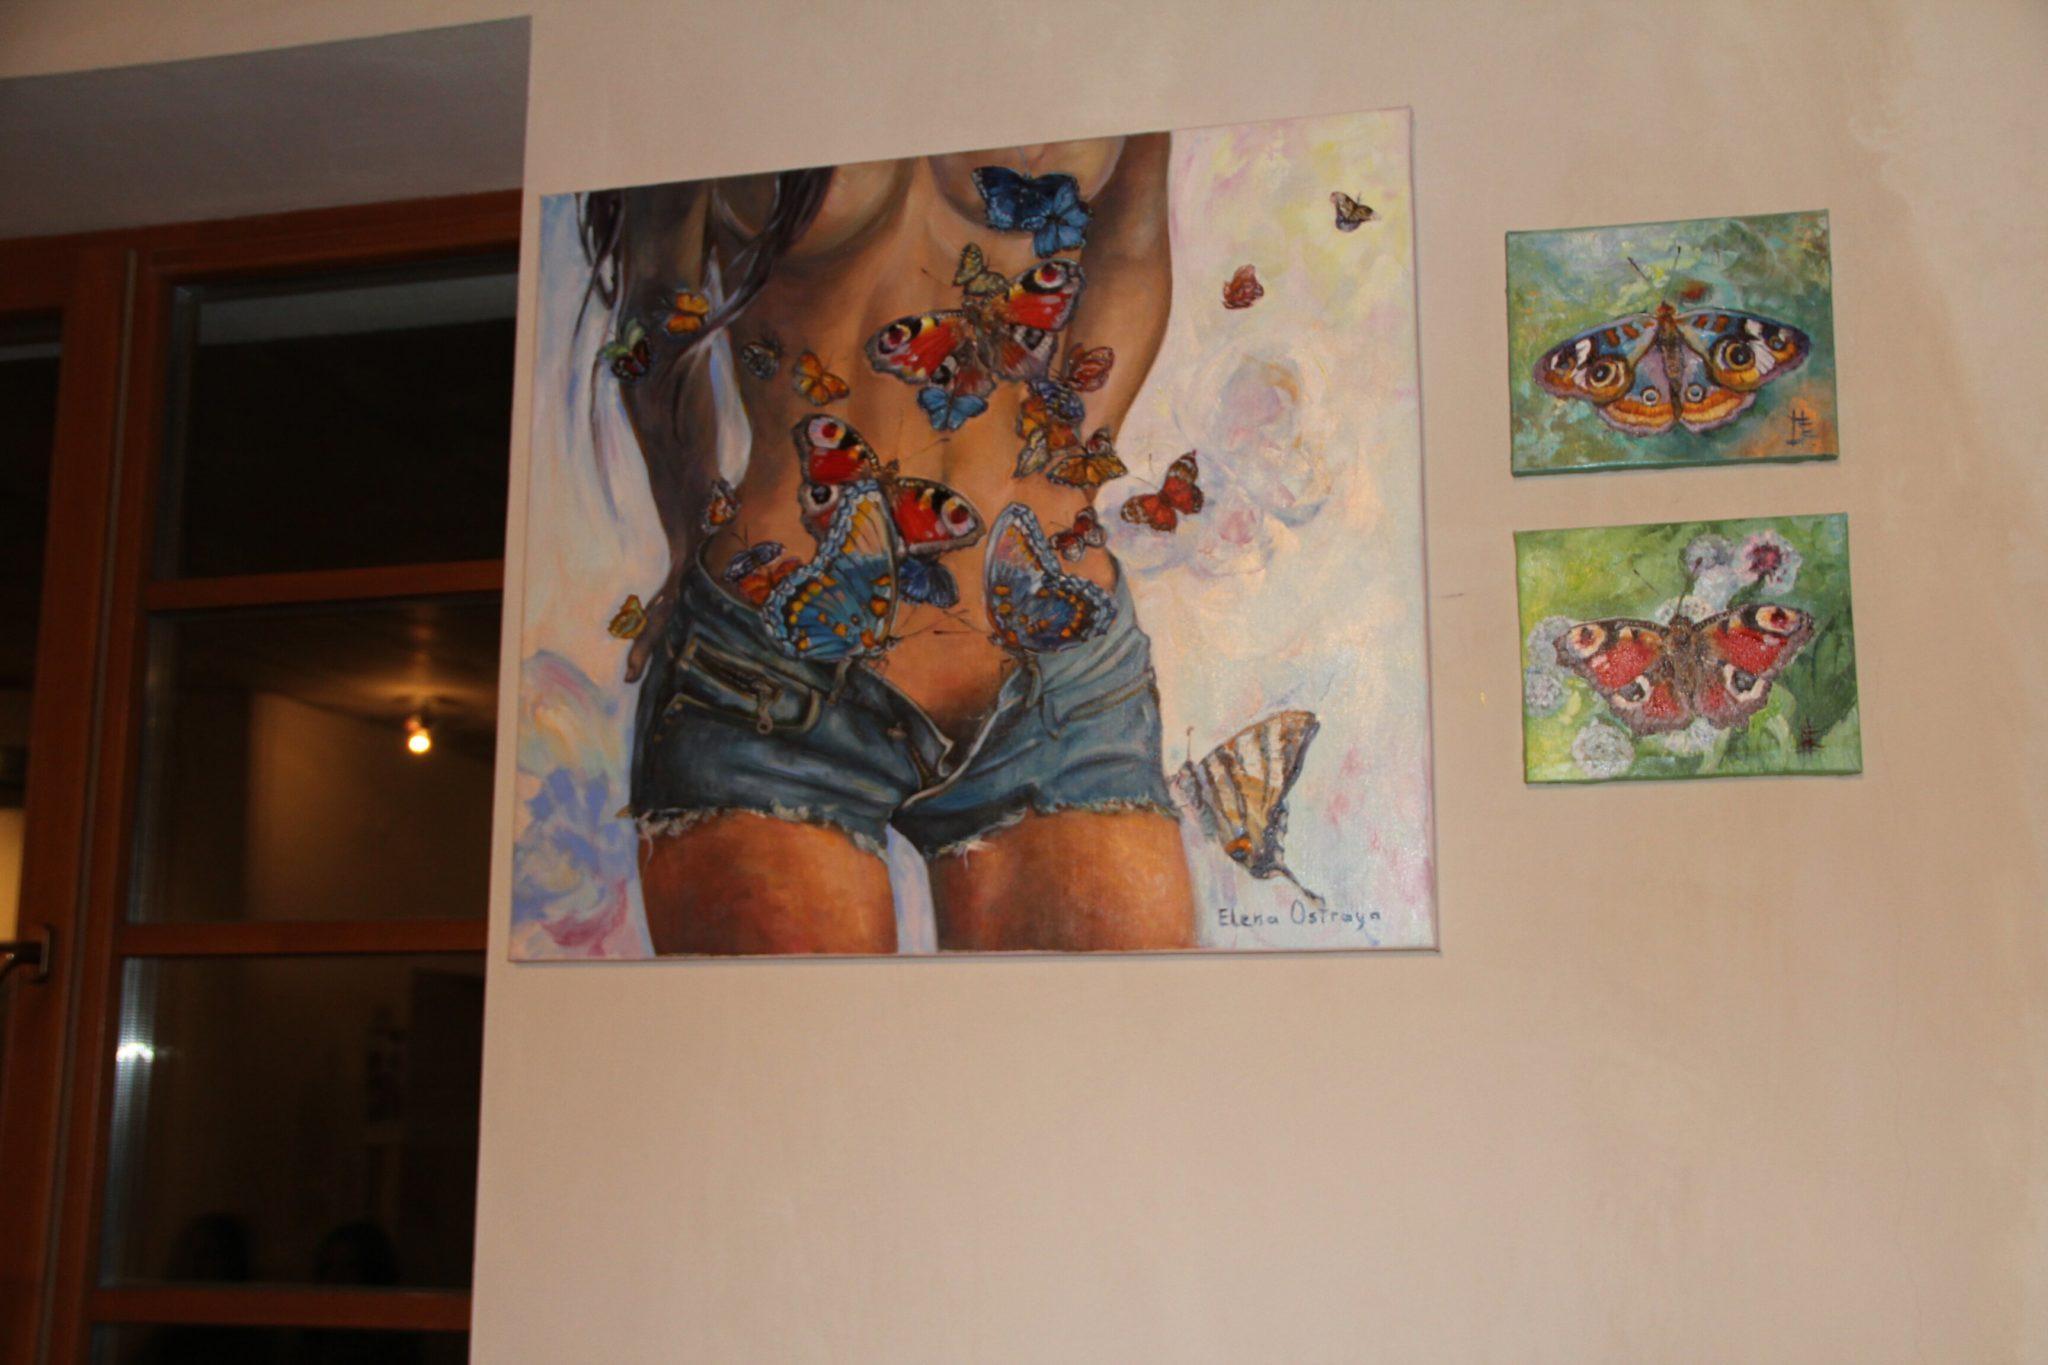 8 марта в арт-галерее городского коттеджного поселка «Примавера» состоялось открытие выставки «Тело: стыд и экстаз».